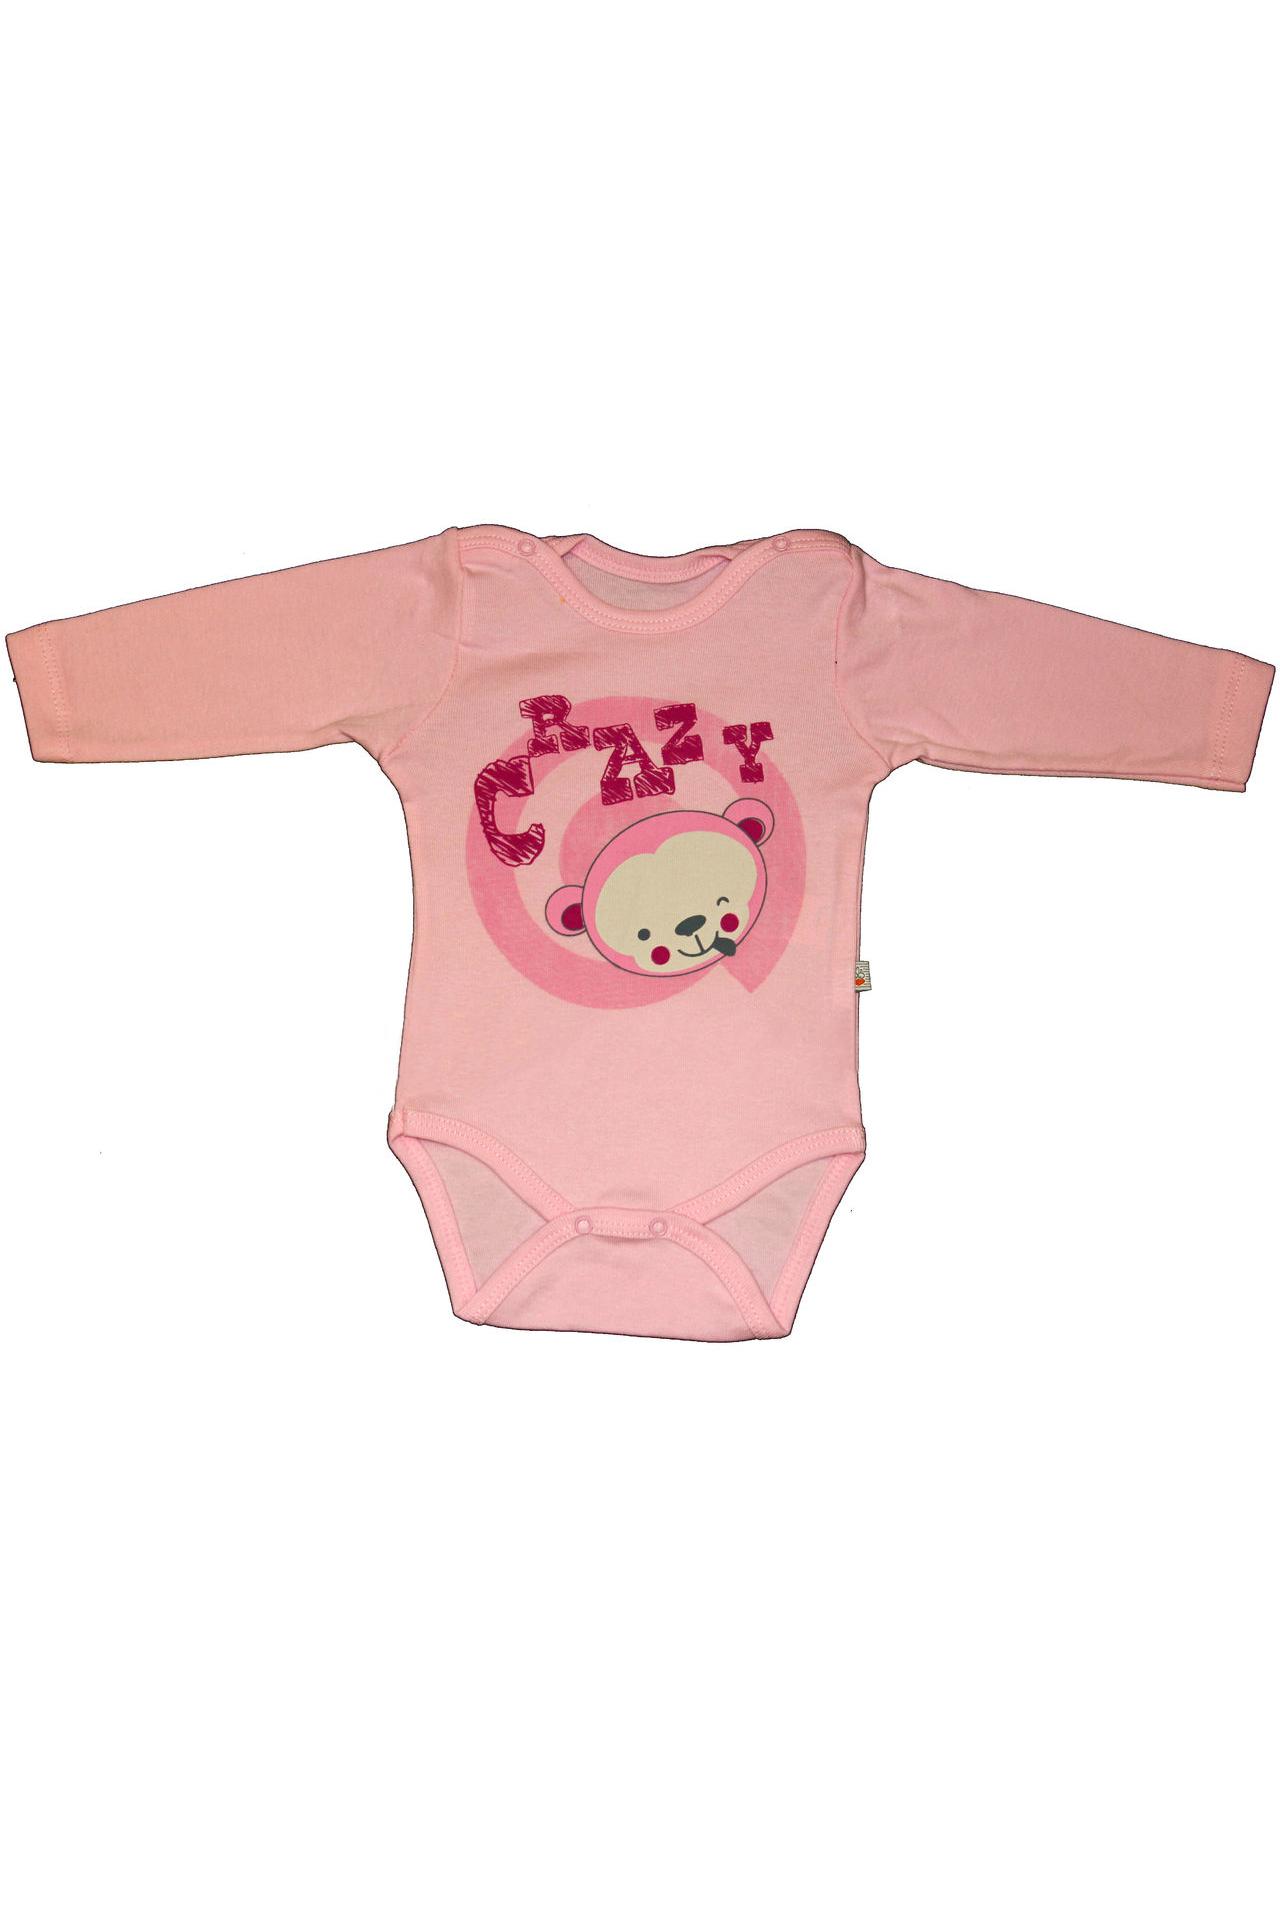 БодиКофточки<br>Хлопковое боди для новорожденного  Цвет: розовый  Размер соответствует росту ребенка.<br><br>Размер : 62,68<br>Материал: Хлопок<br>Количество в наличии: 2